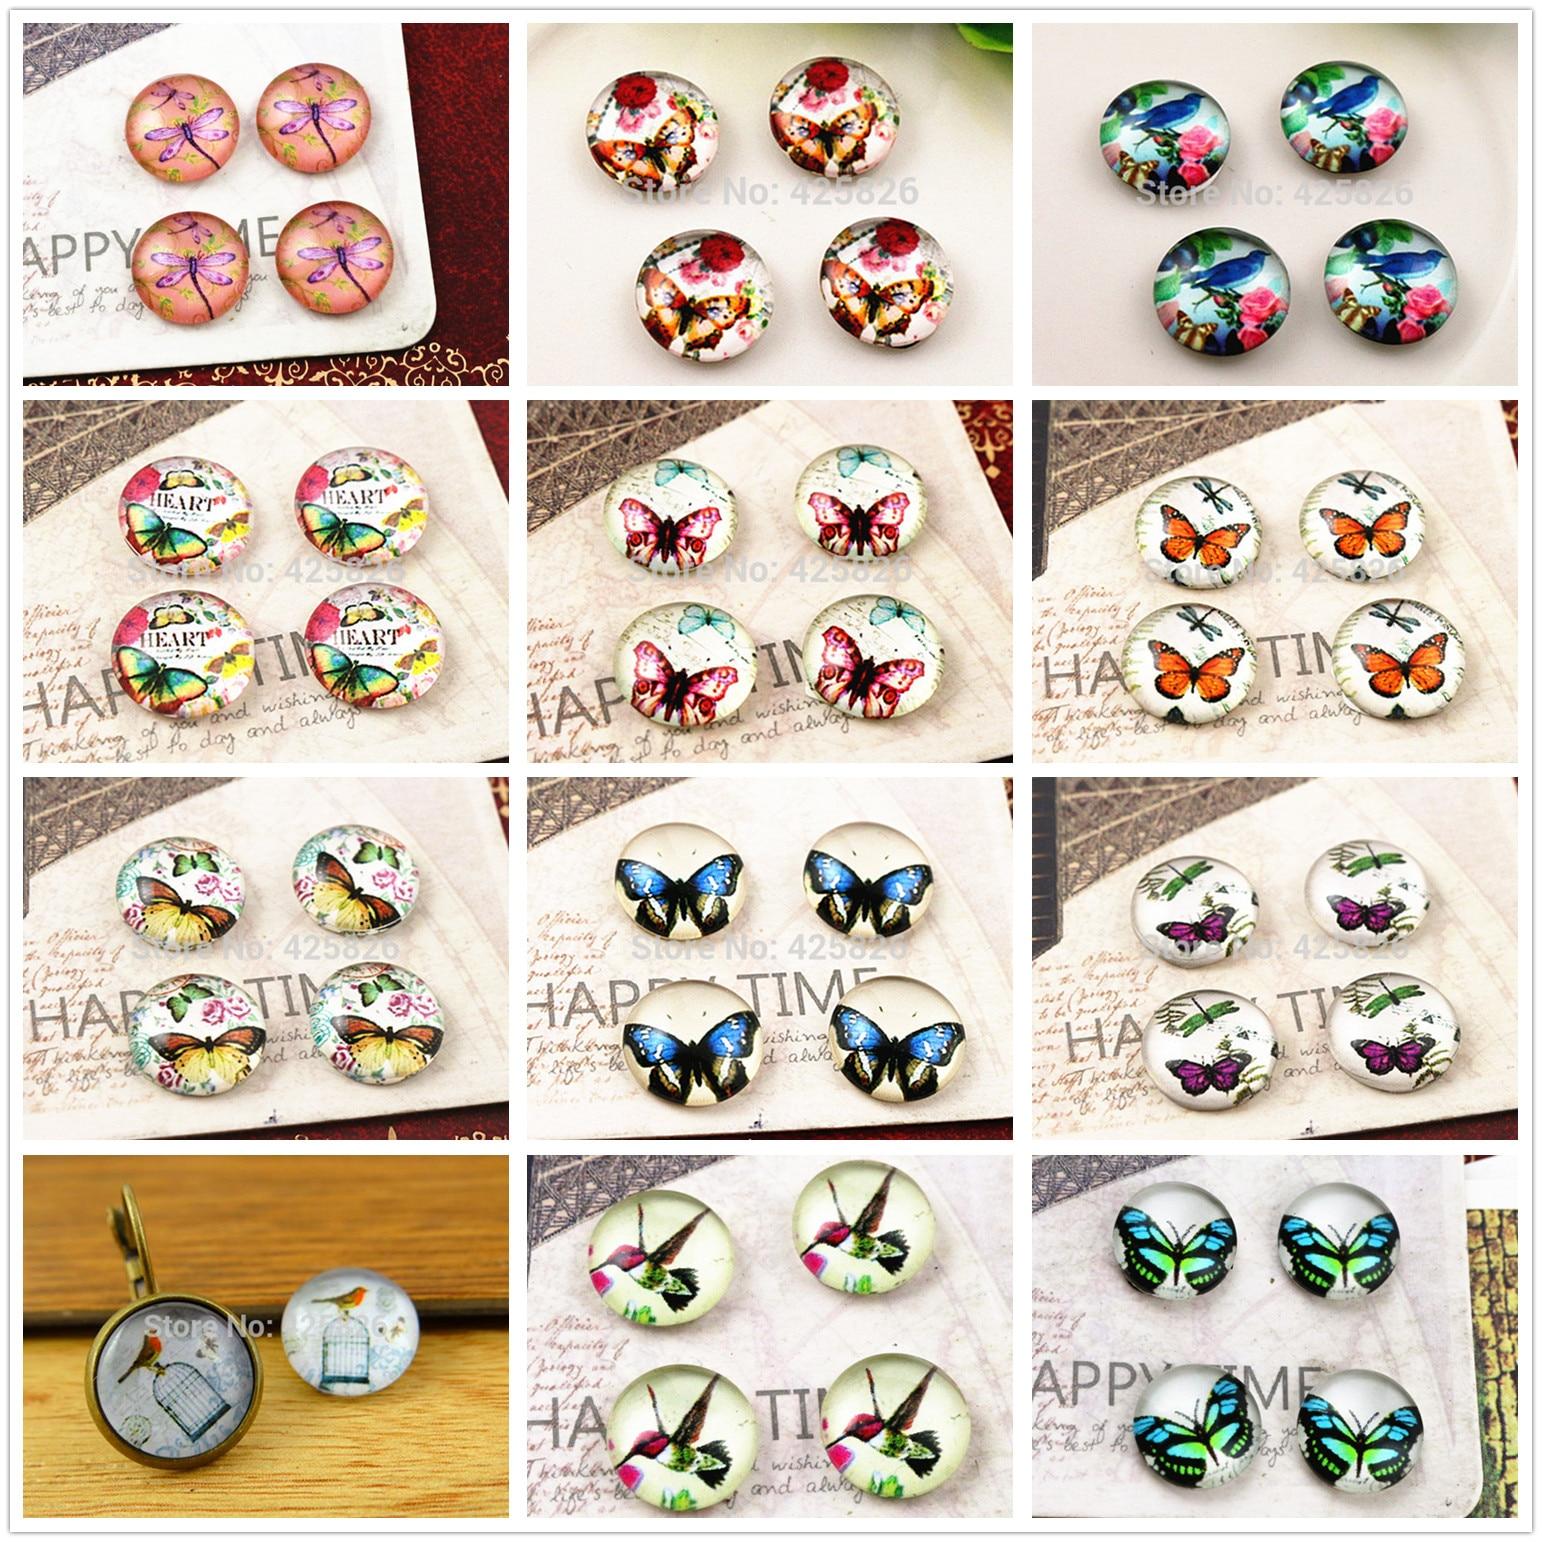 Gran oferta 20 piezas 12mm hecho a mano de cabujón de cristal con foto (de la mariposa y el pájaro serie de búhos)